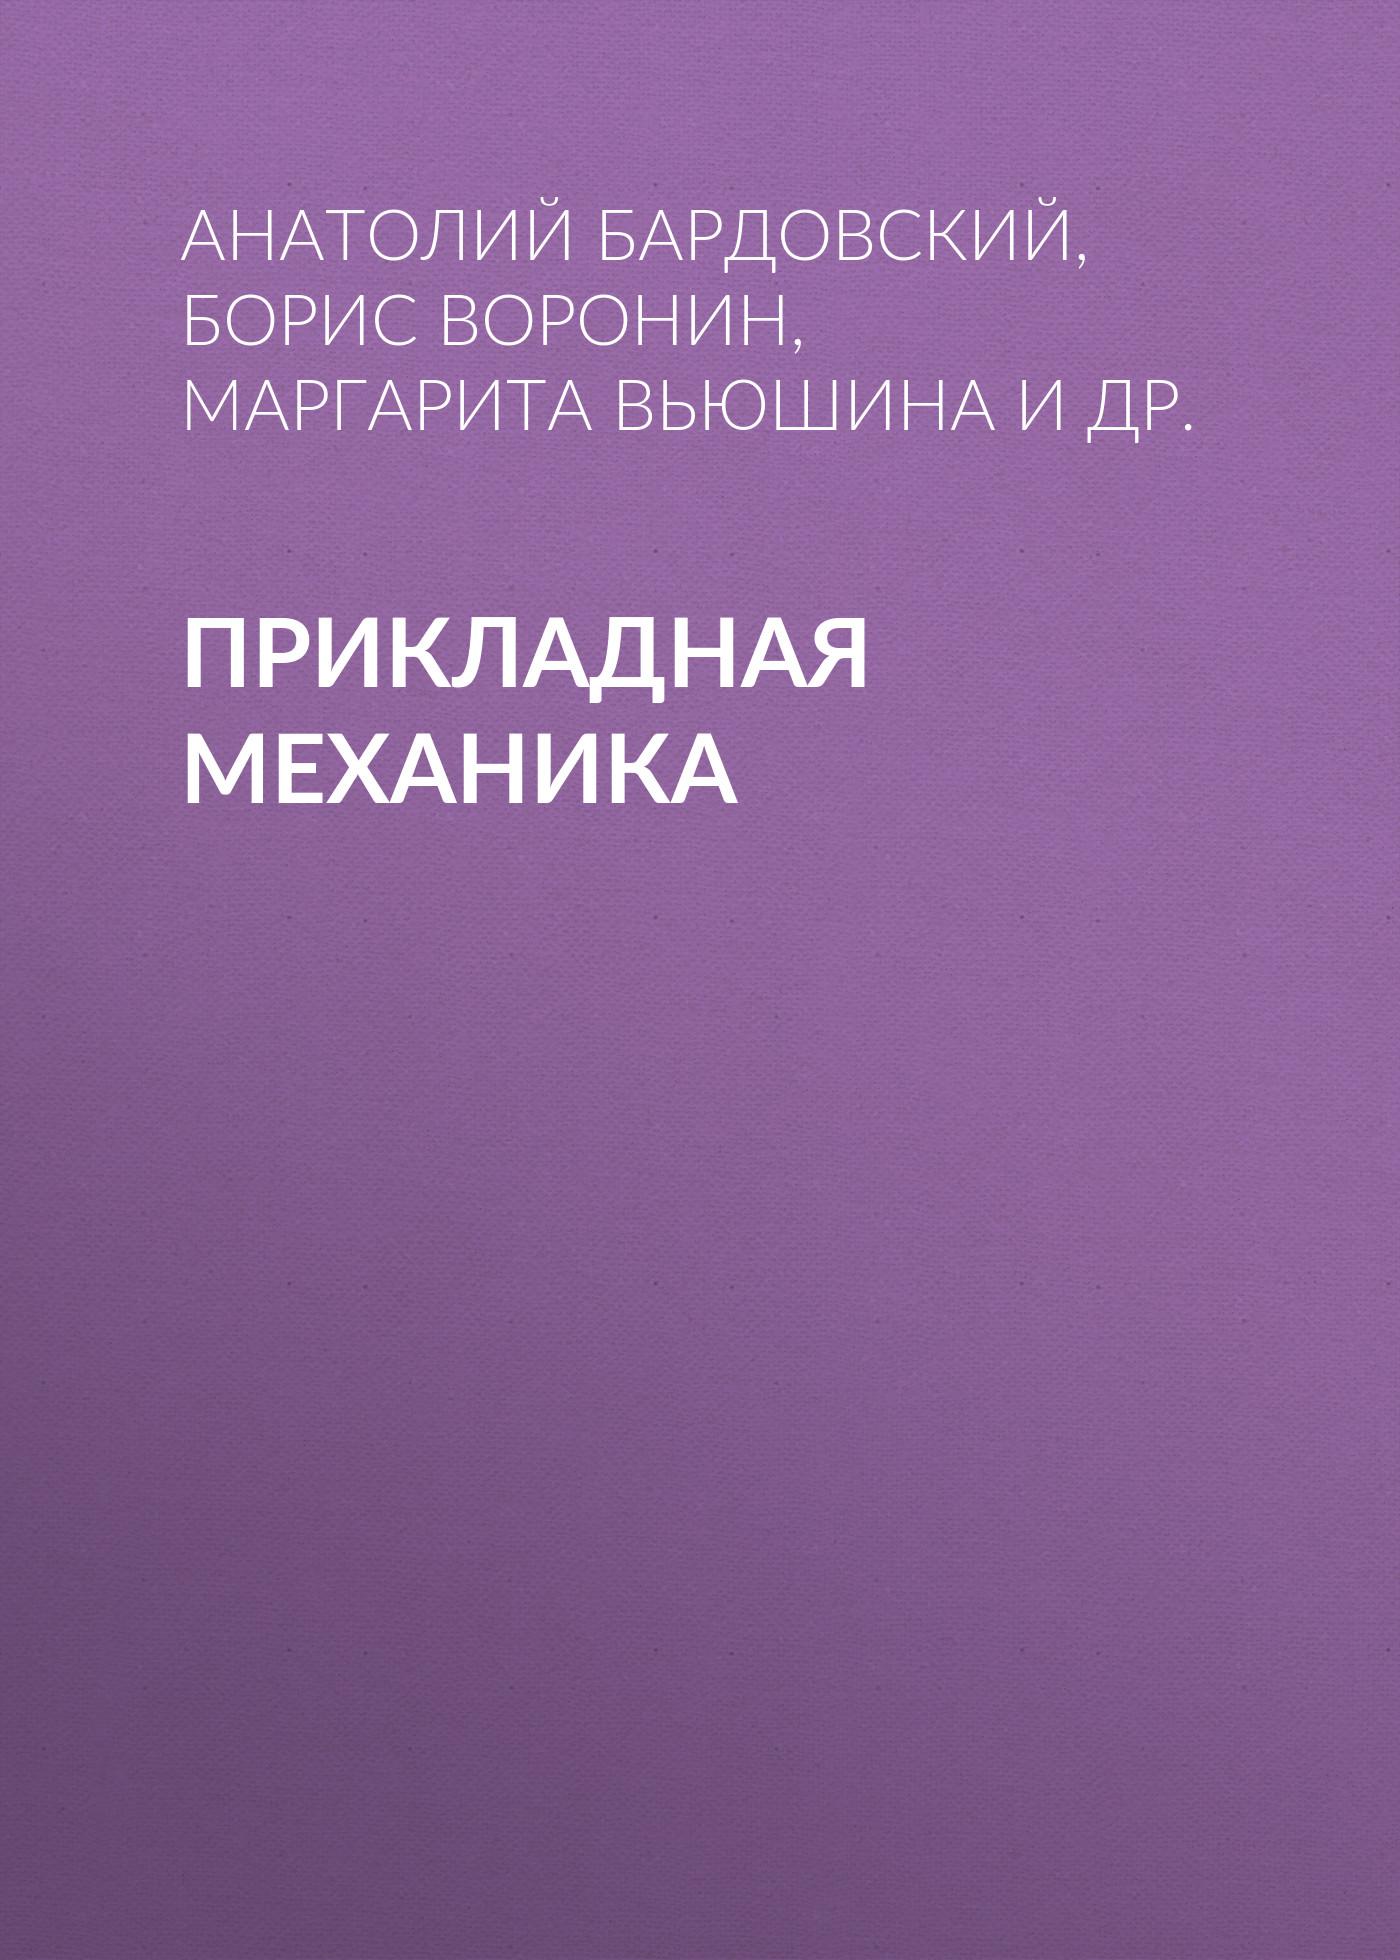 Маргарита Вьюшина Прикладная механика